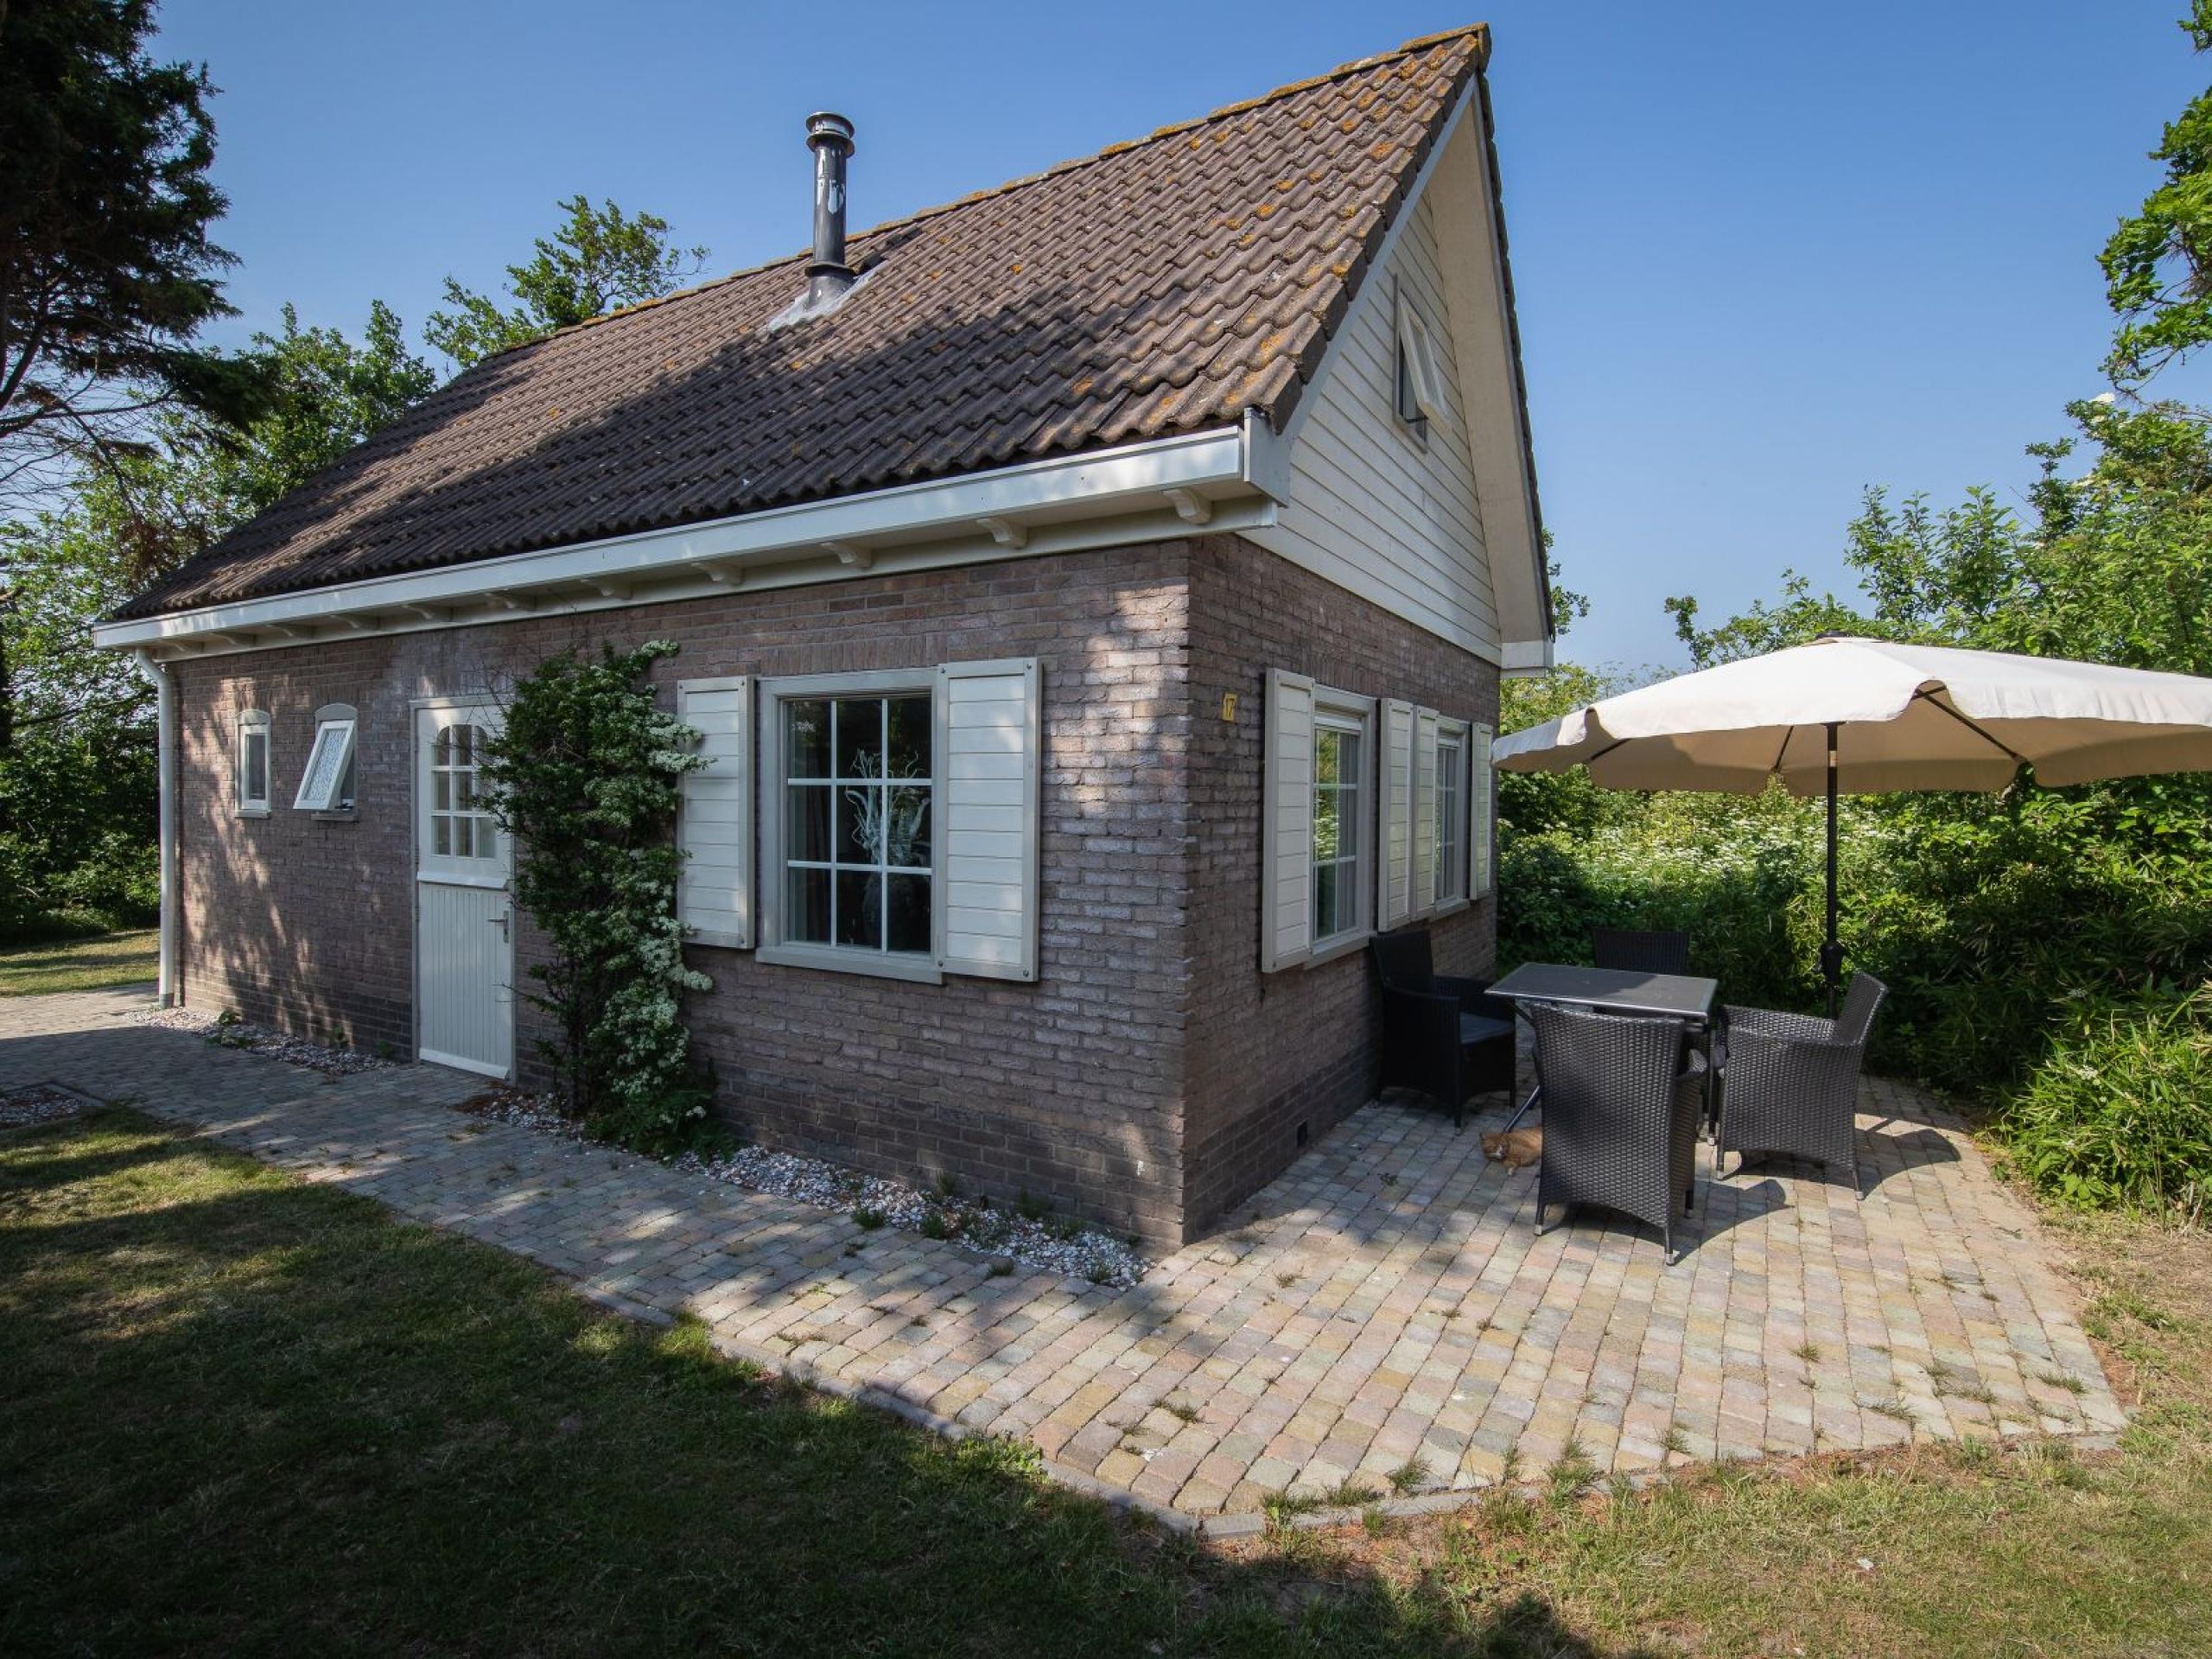 Super vakantiehuisje, nabij Den Burg, in een rustige omgeving.